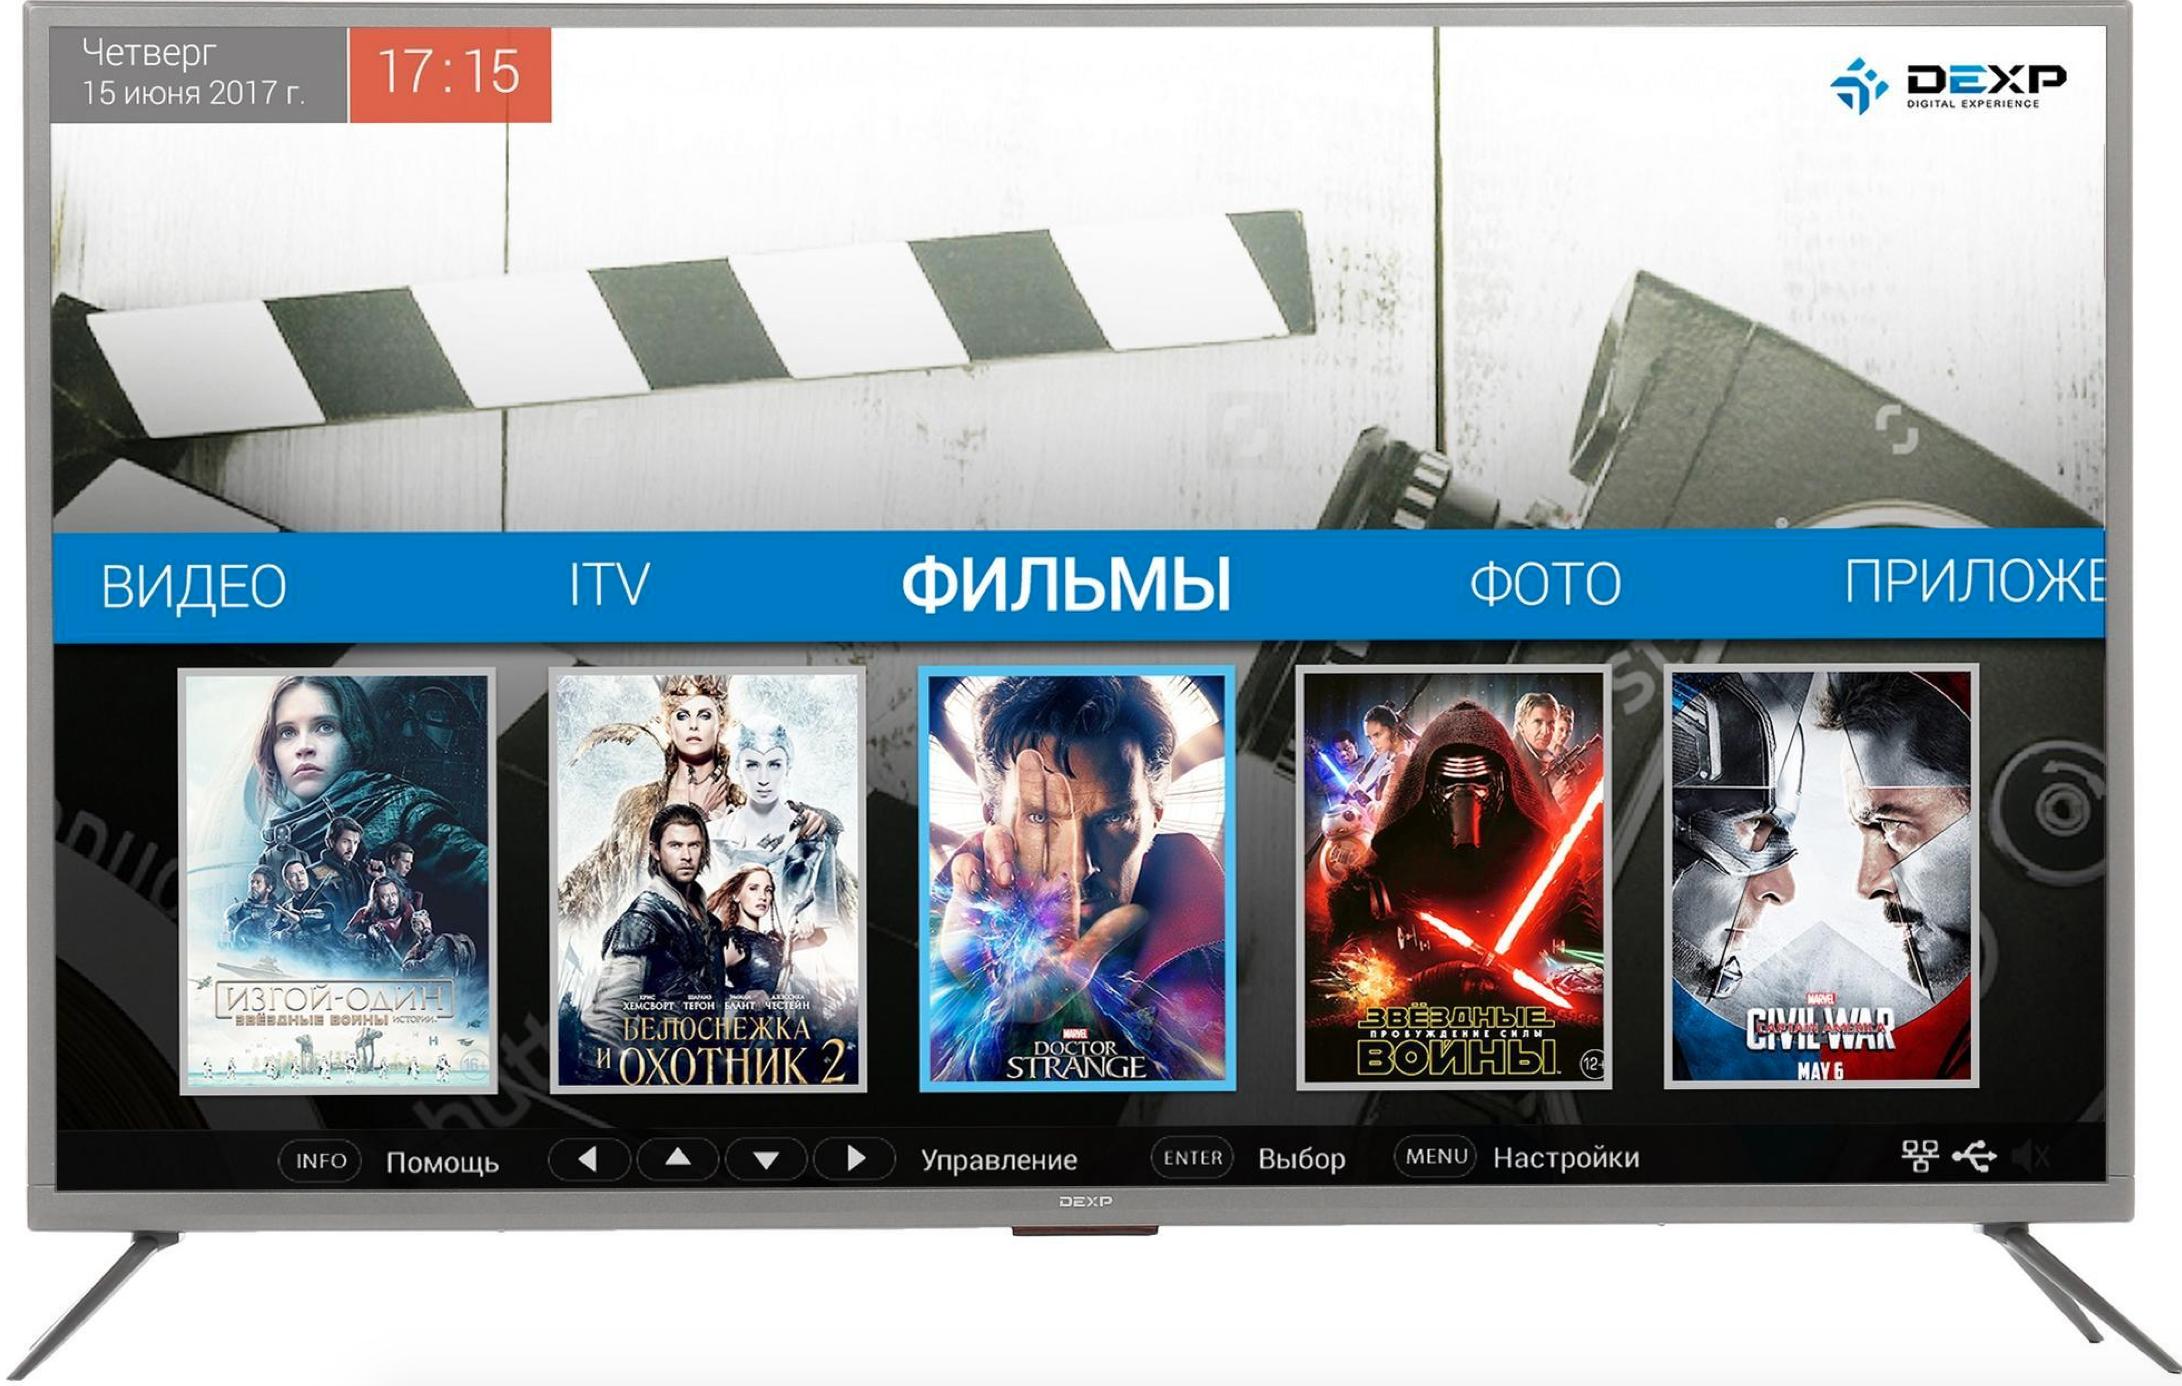 Телевизор Dexp U50E9000Q